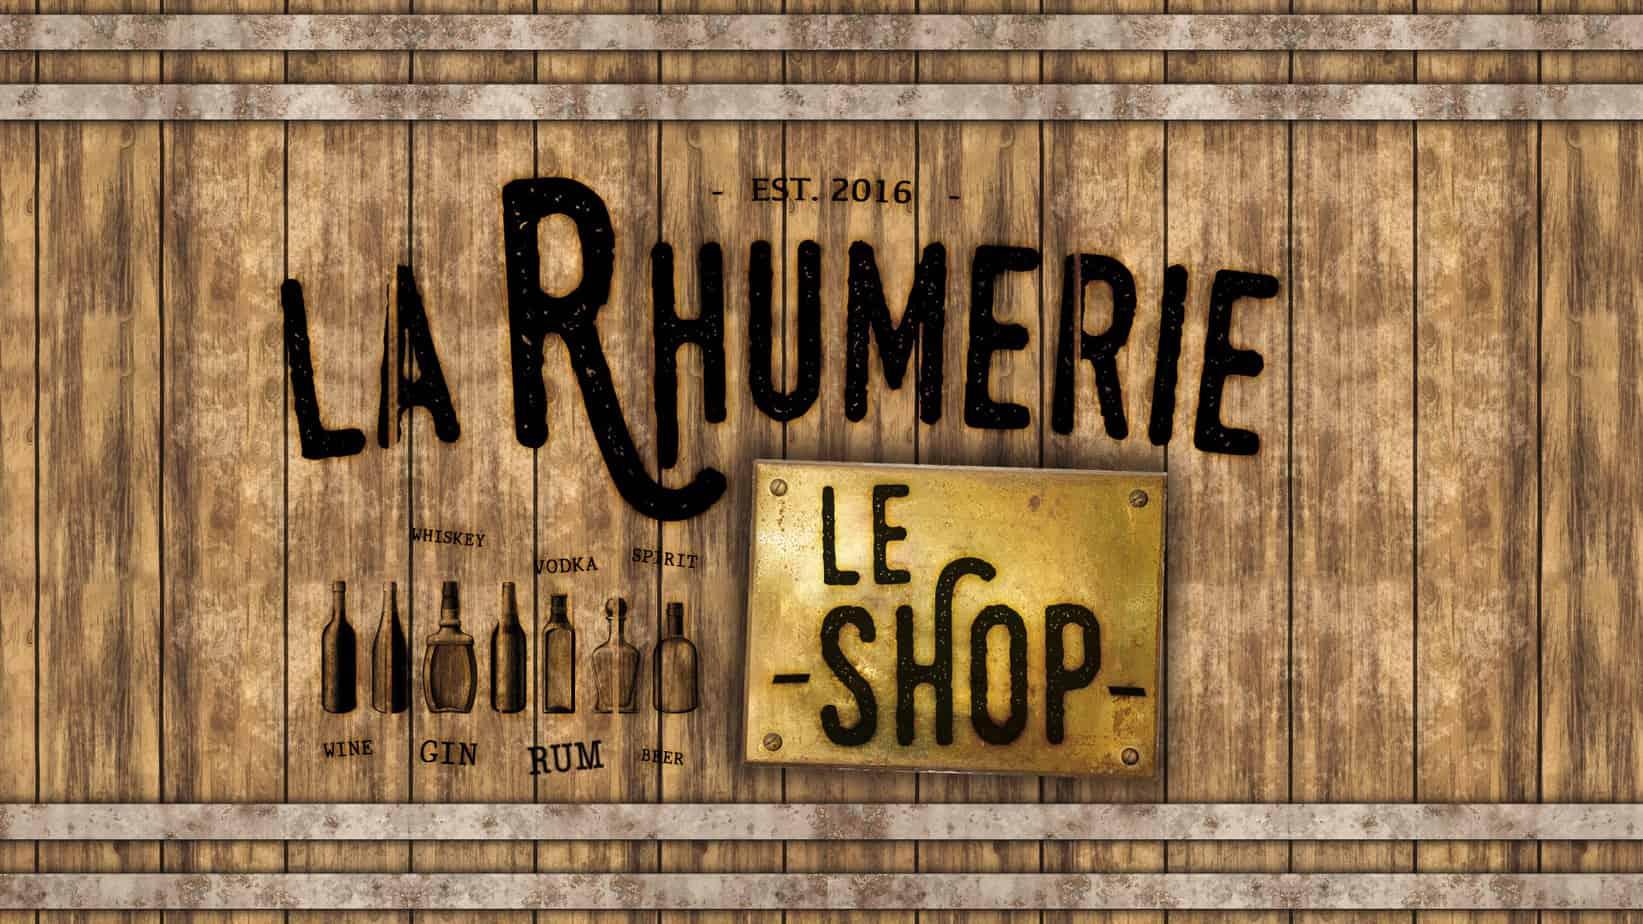 La Rhumerie - Le Shop